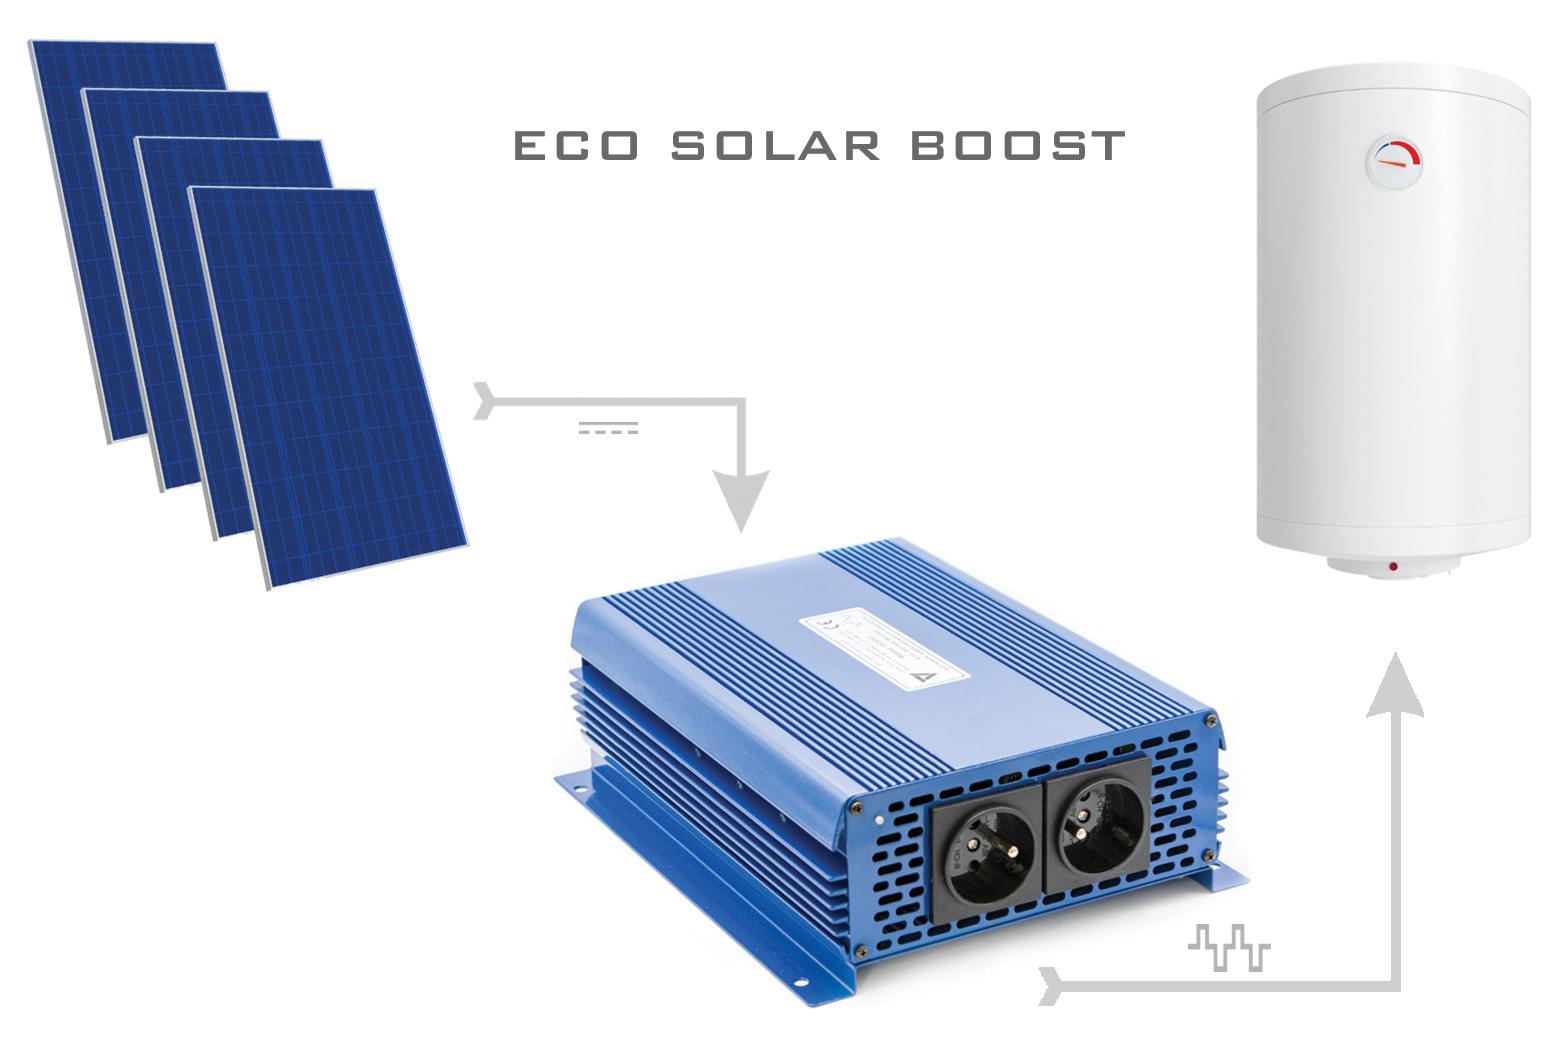 Zestaw słoneczny do grzania wody w bojlerach z systemem montażu